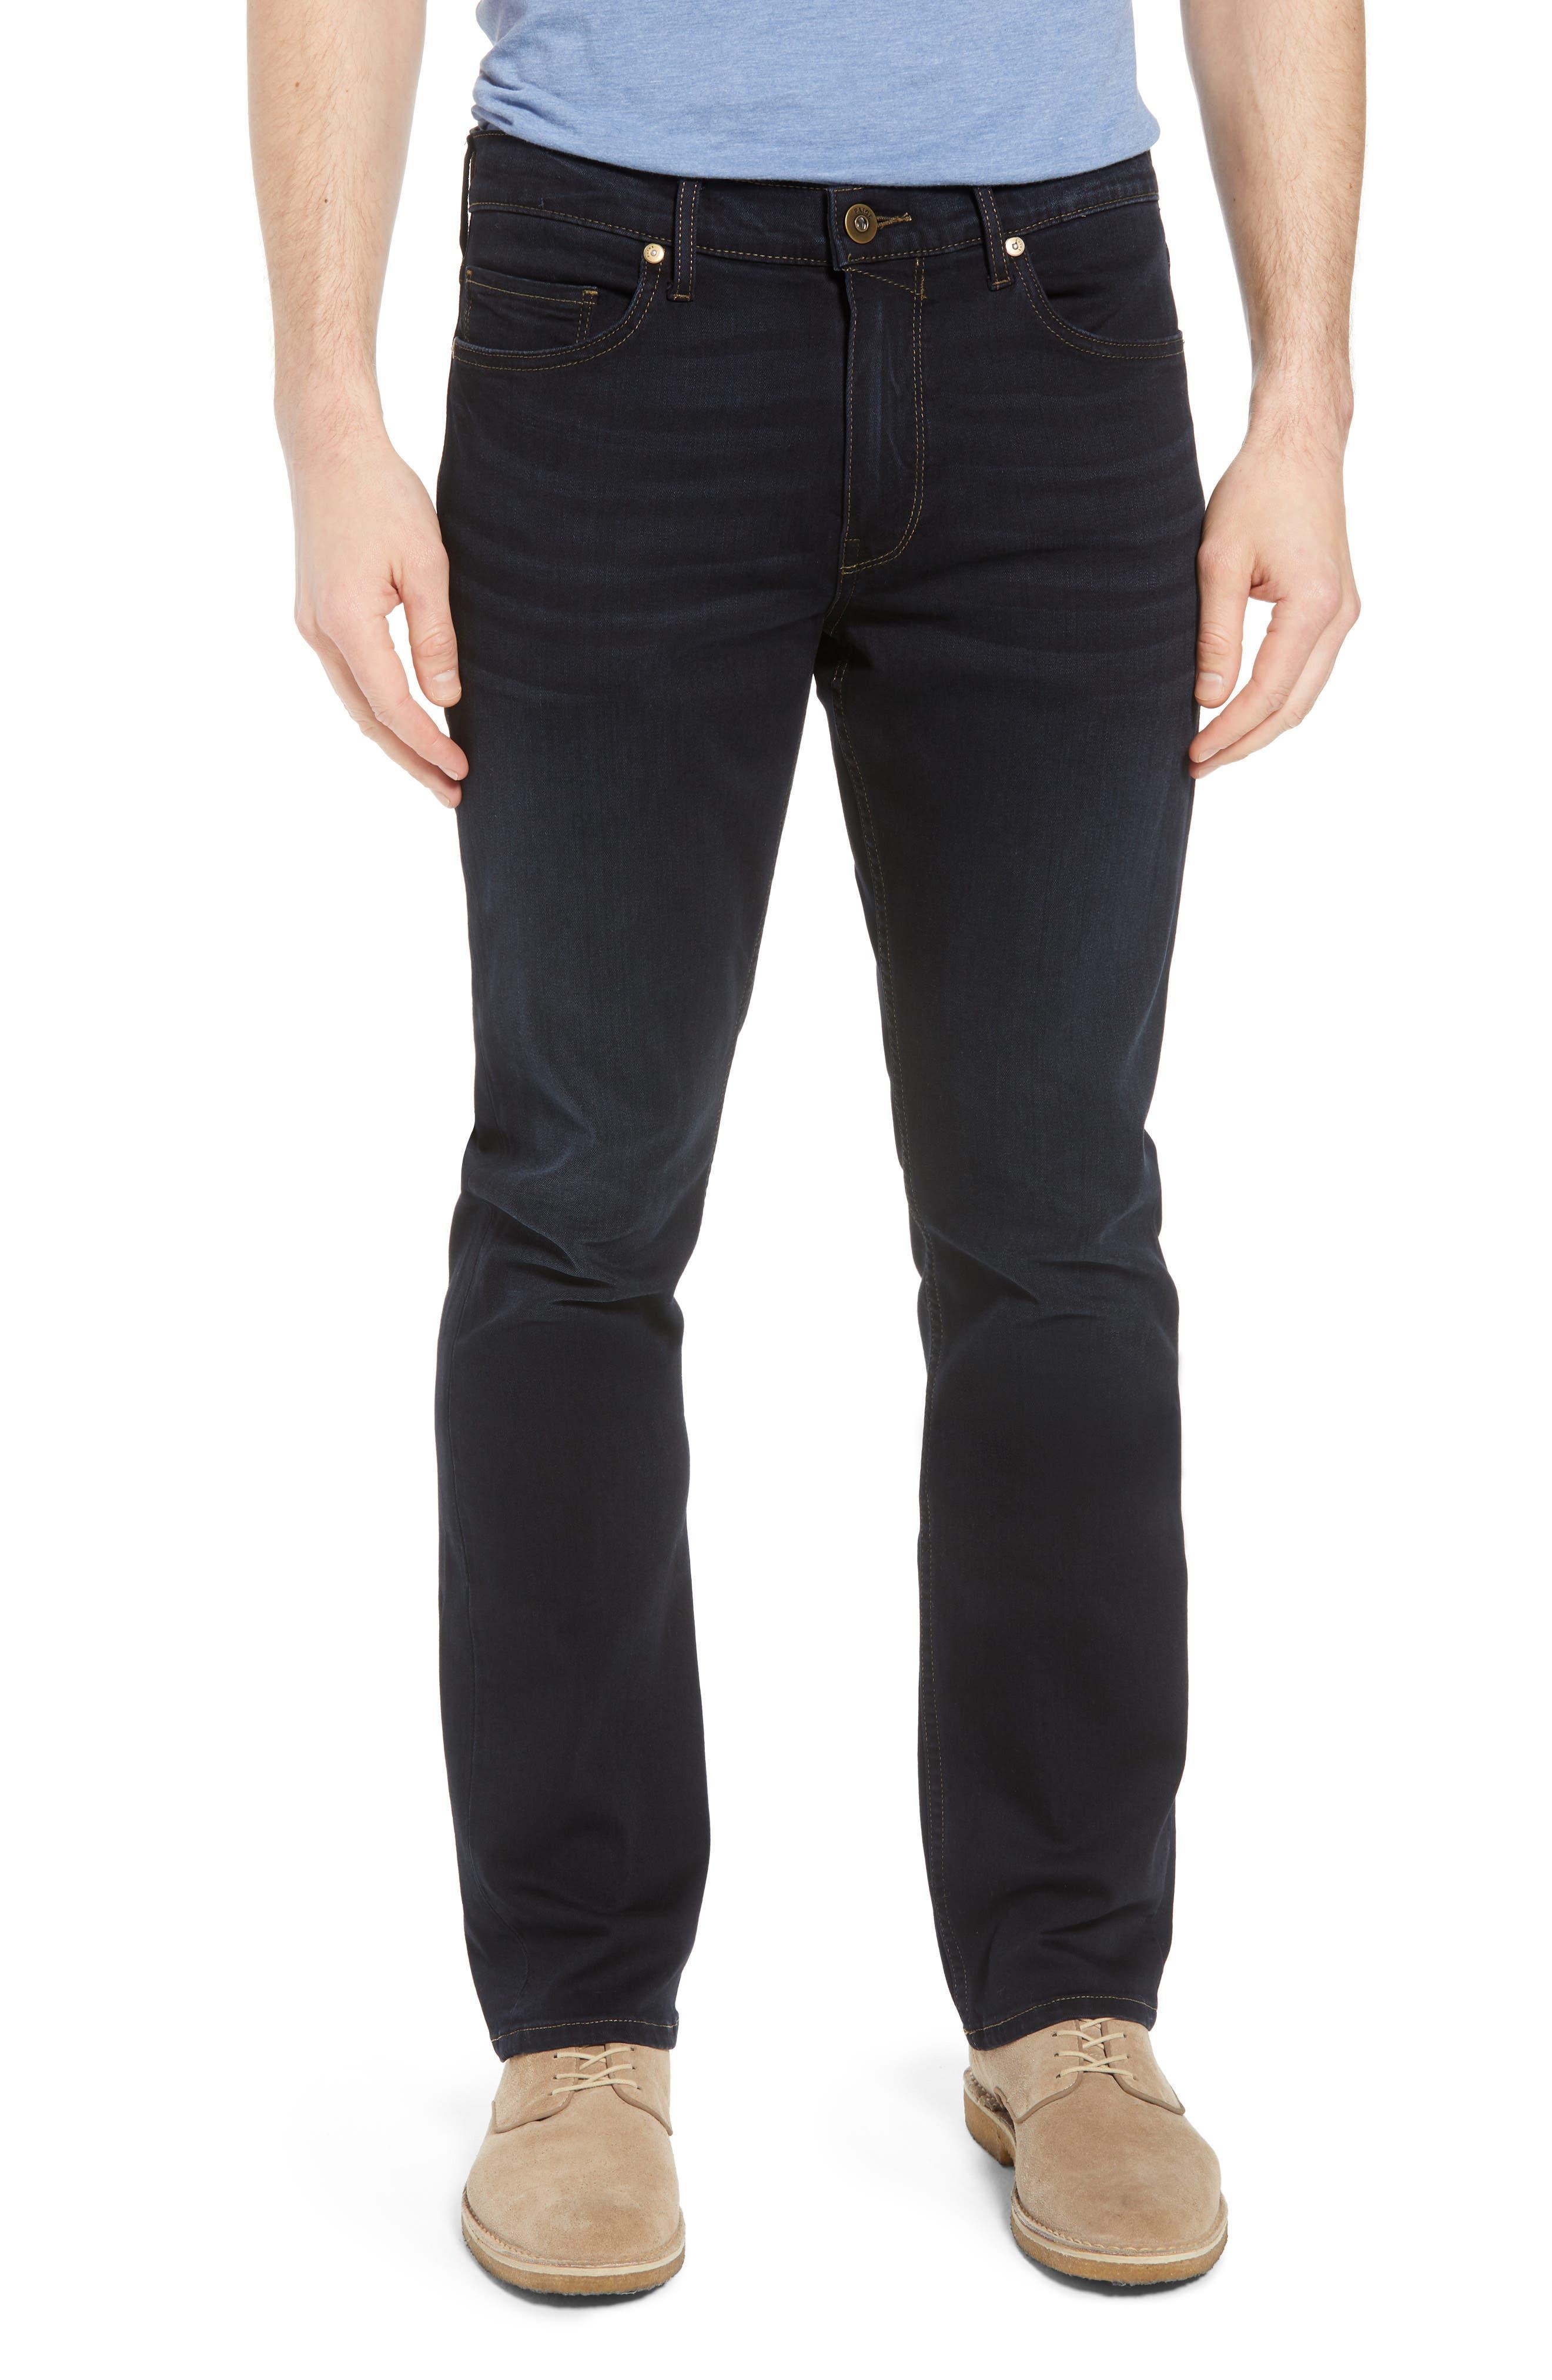 Transcend - Normandie Straight Leg Jeans,                             Main thumbnail 1, color,                             400